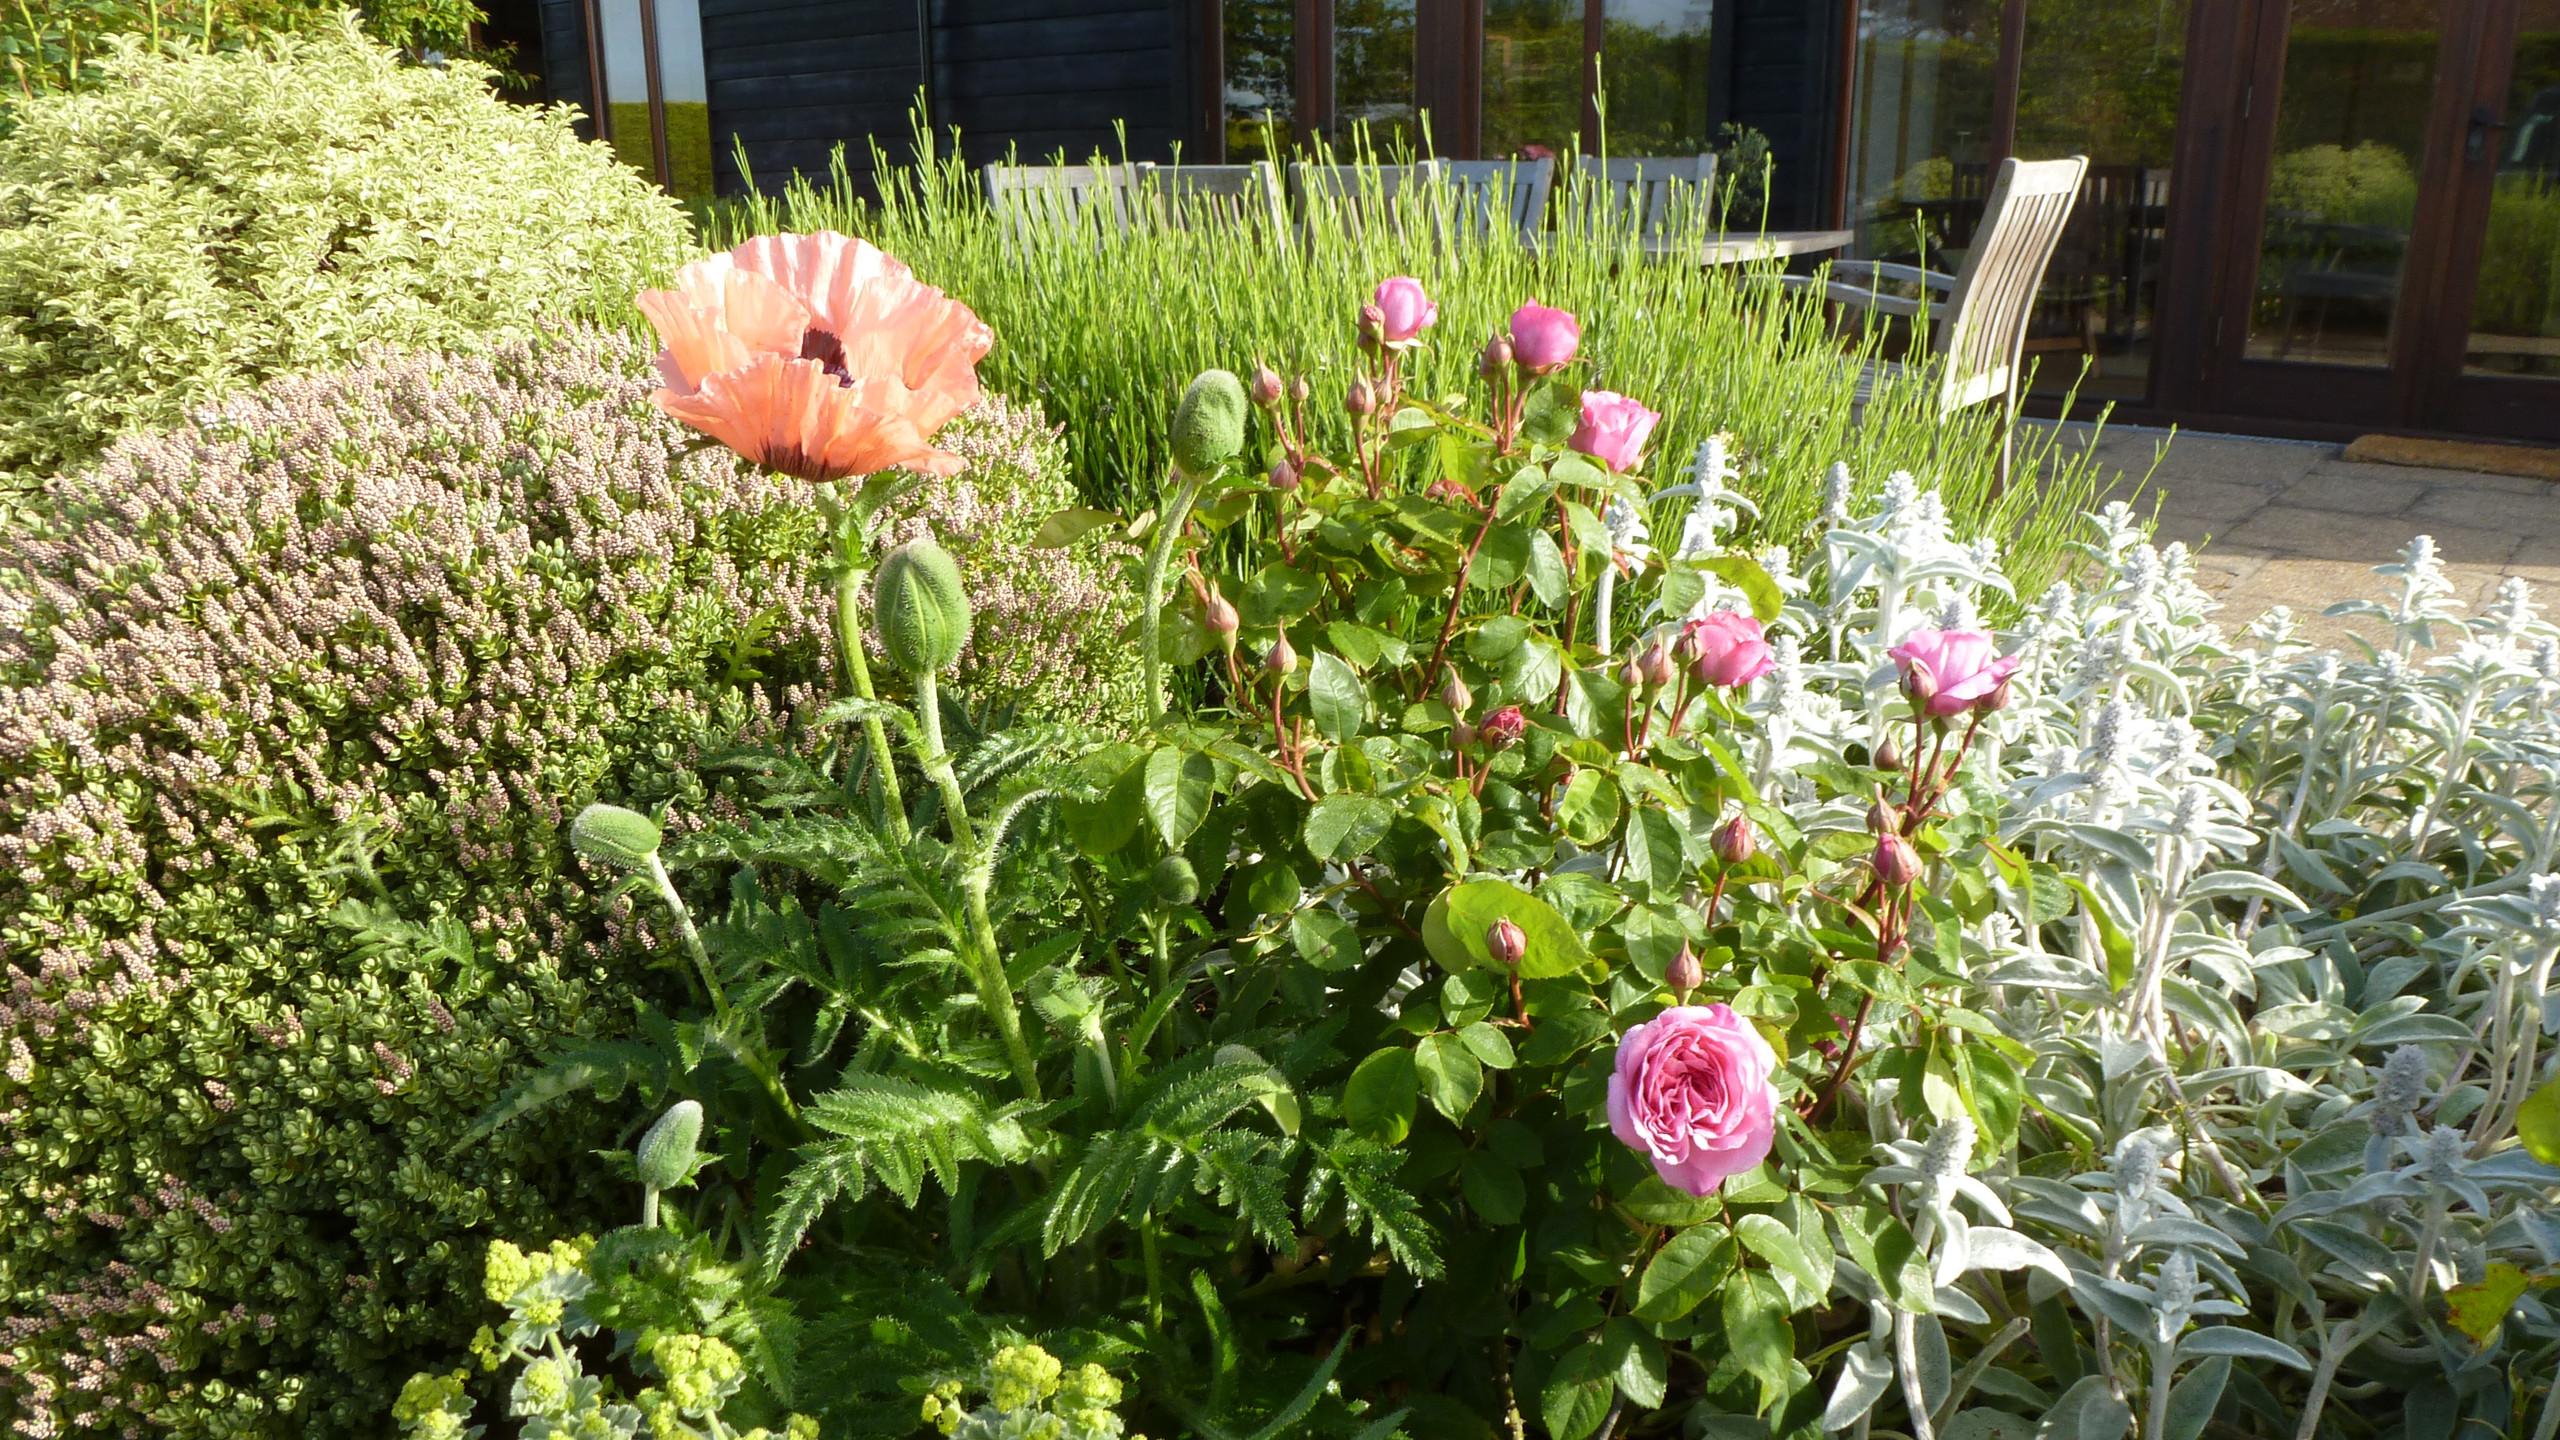 LittleNorlingtonBarn Gardens